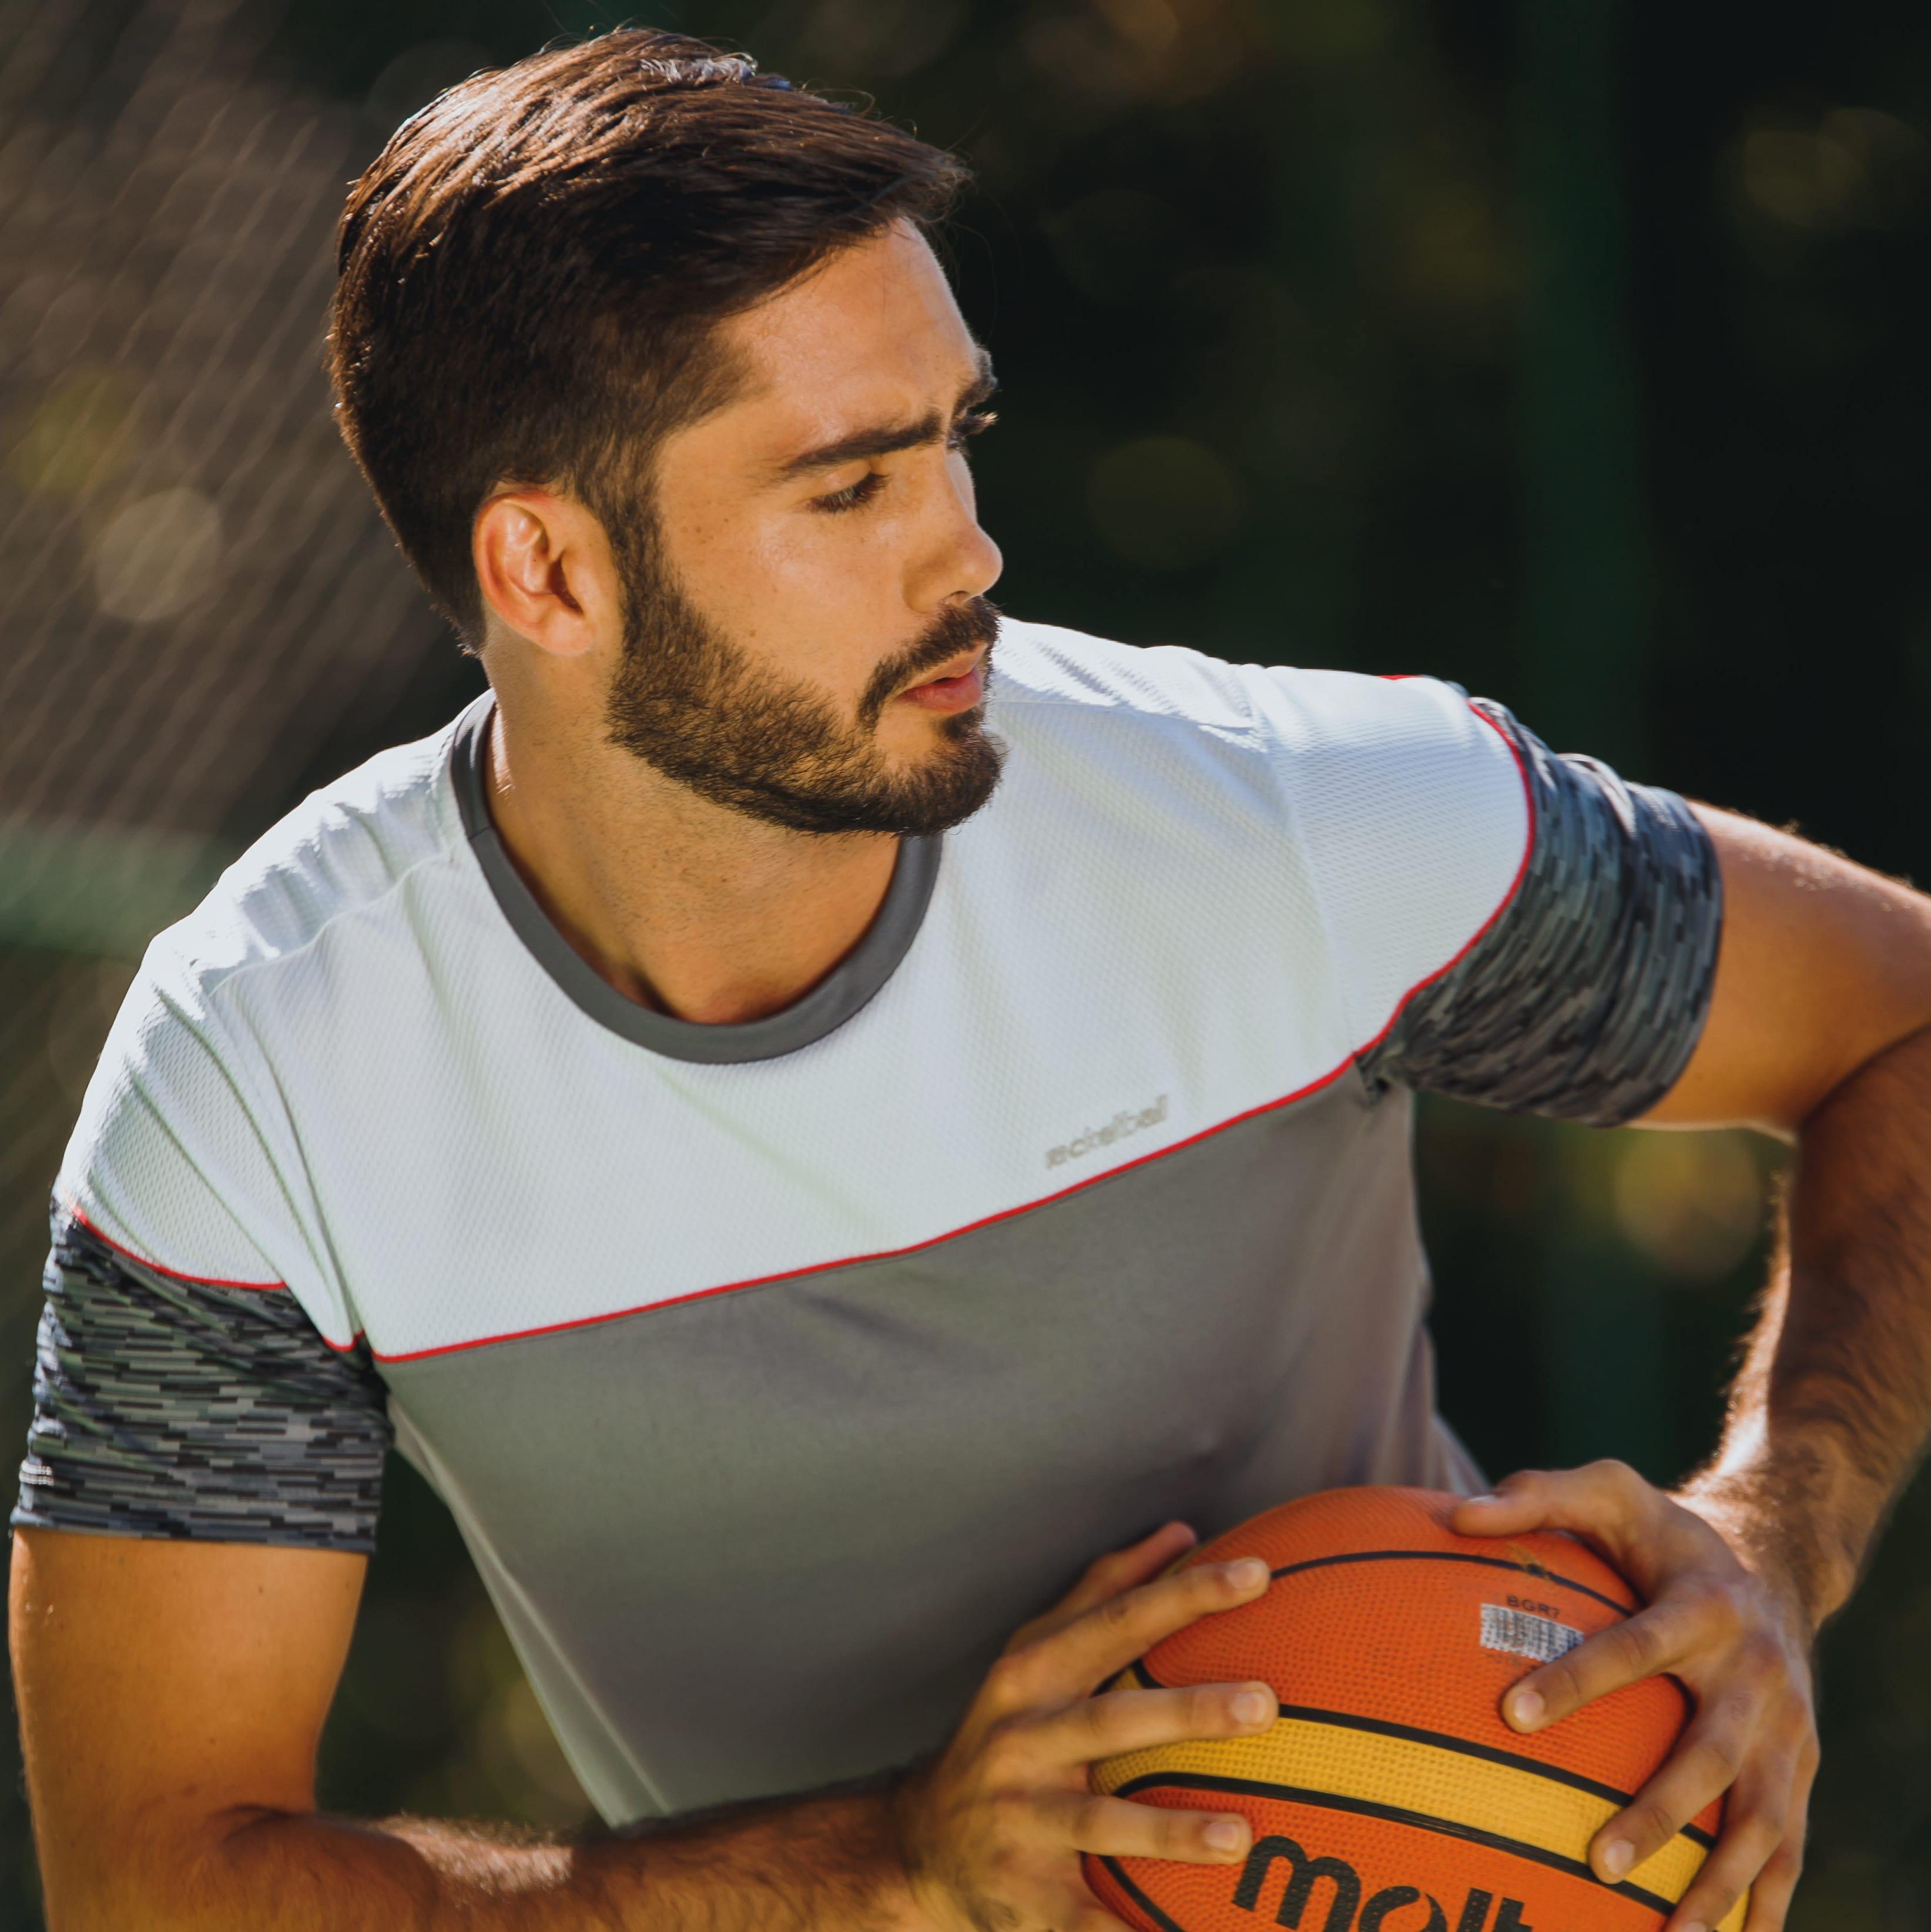 Nuestros deportes, Ropa para Gimnasio Racketball, Ropa para correr